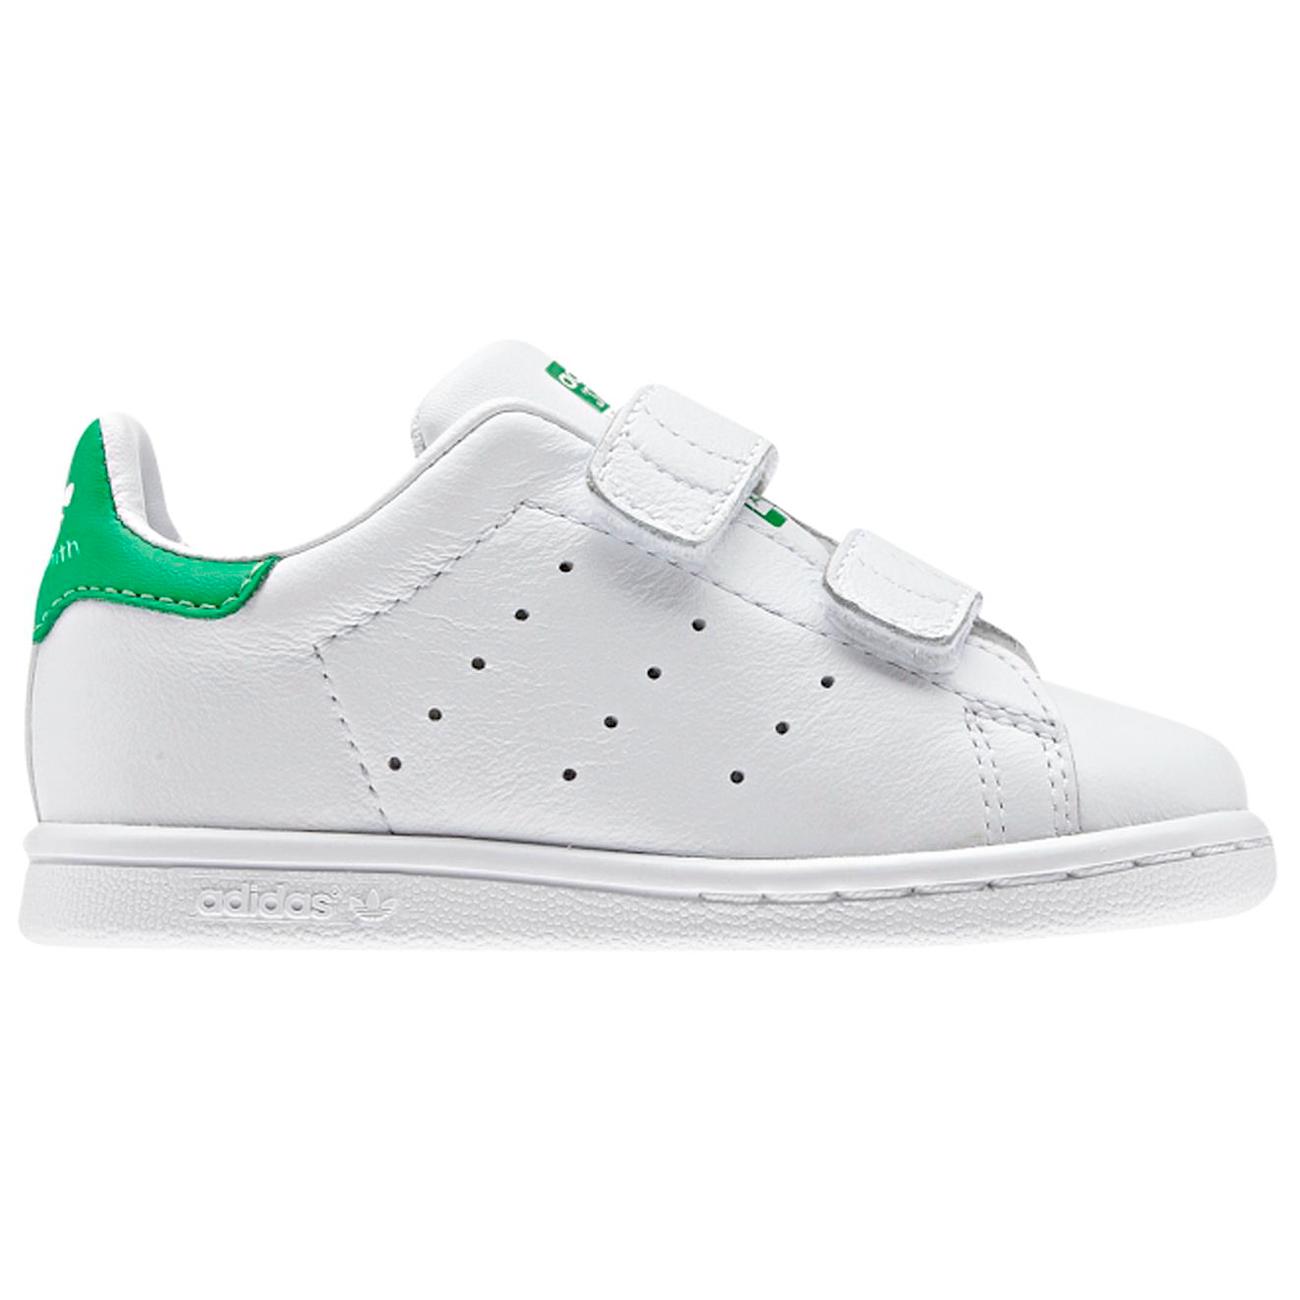 adidas Stan Smith Sneakers WhiteGreen M20609